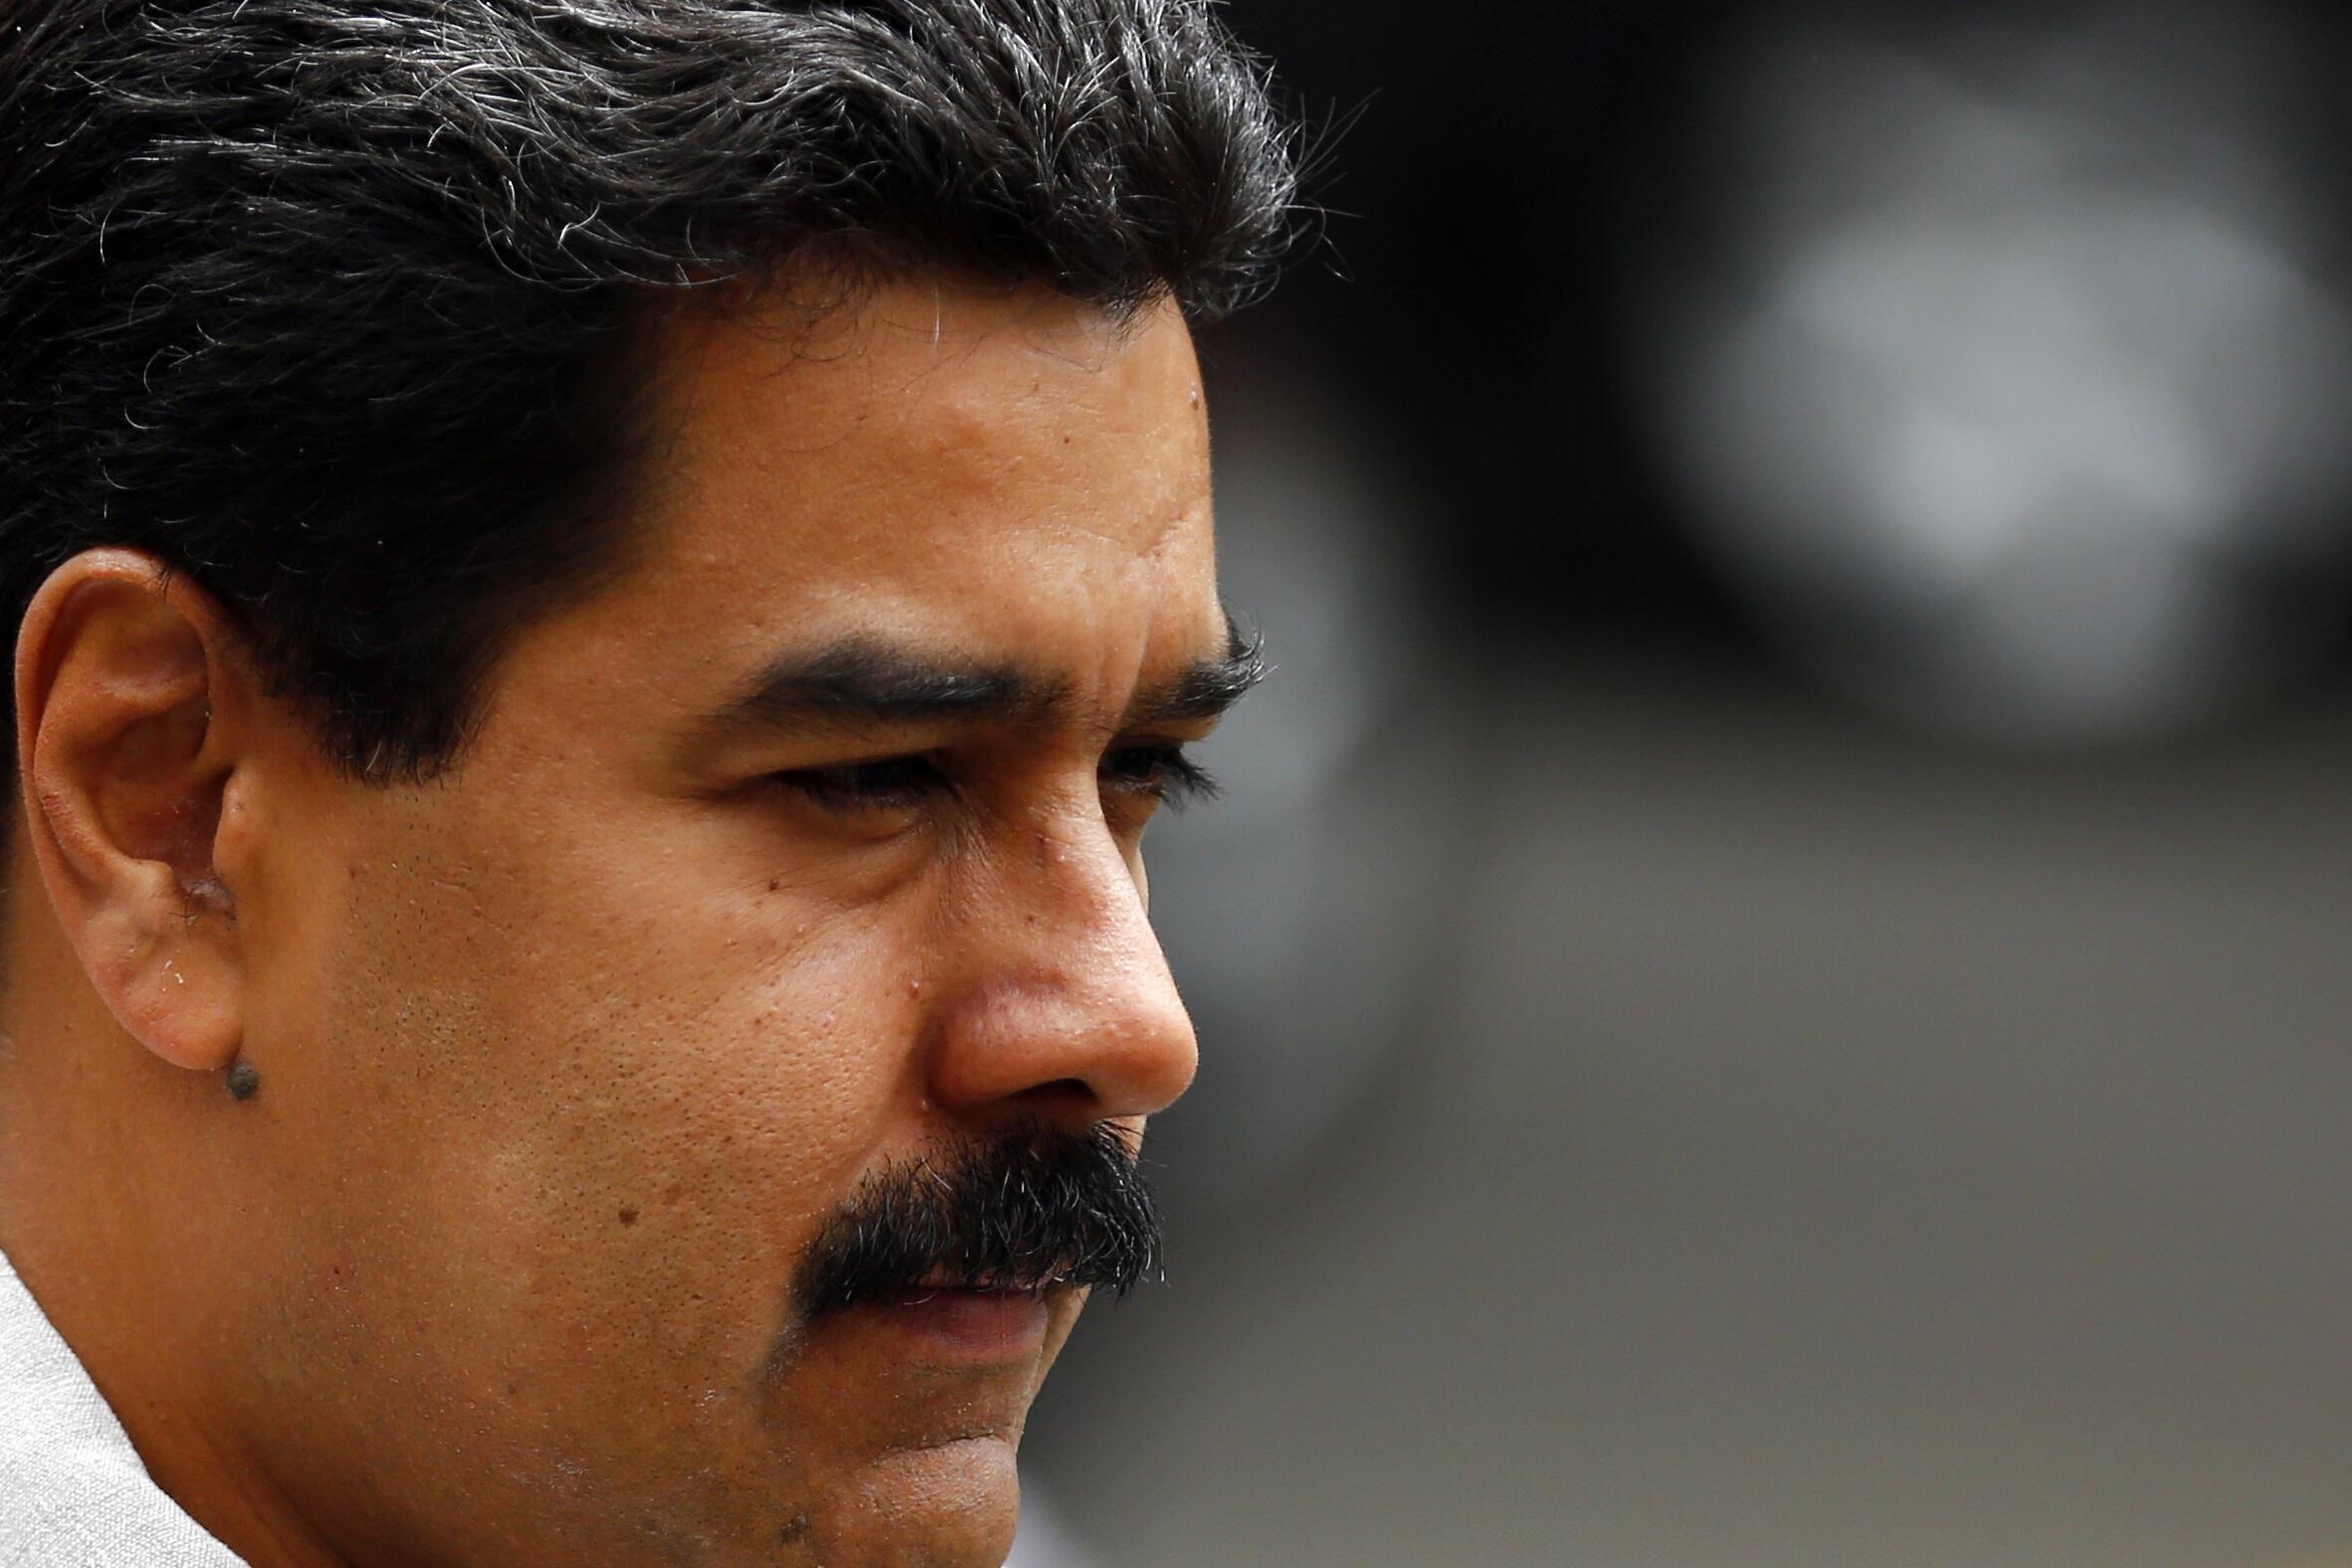 Le président Nicolas Maduro a surpris tout le monde en annonçant la création d'un vice-ministère pour le« Bonheur suprême du peuple».